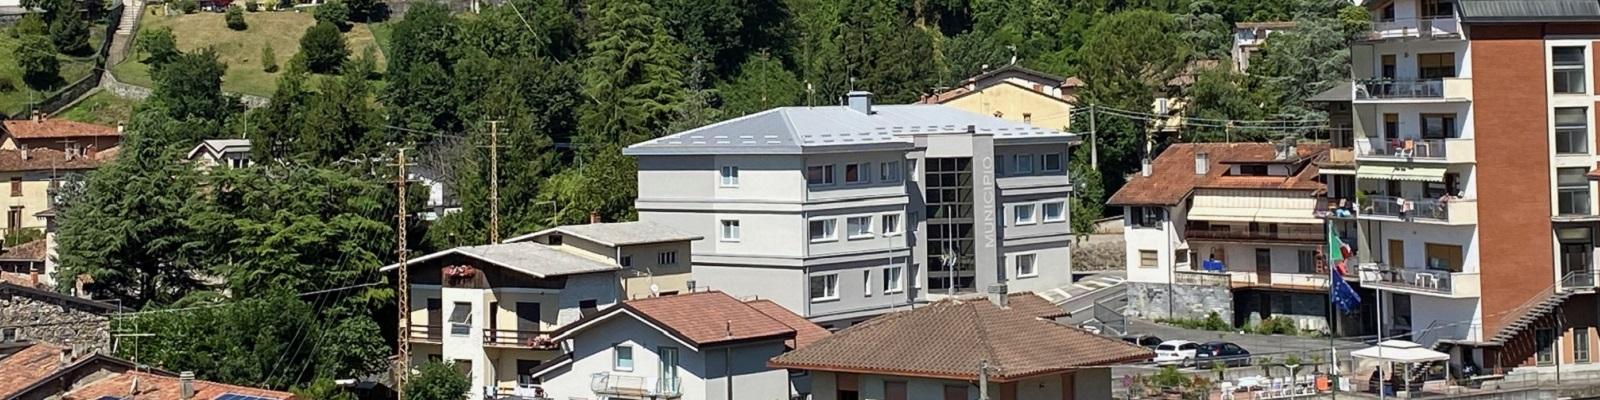 Veduta del Municipio